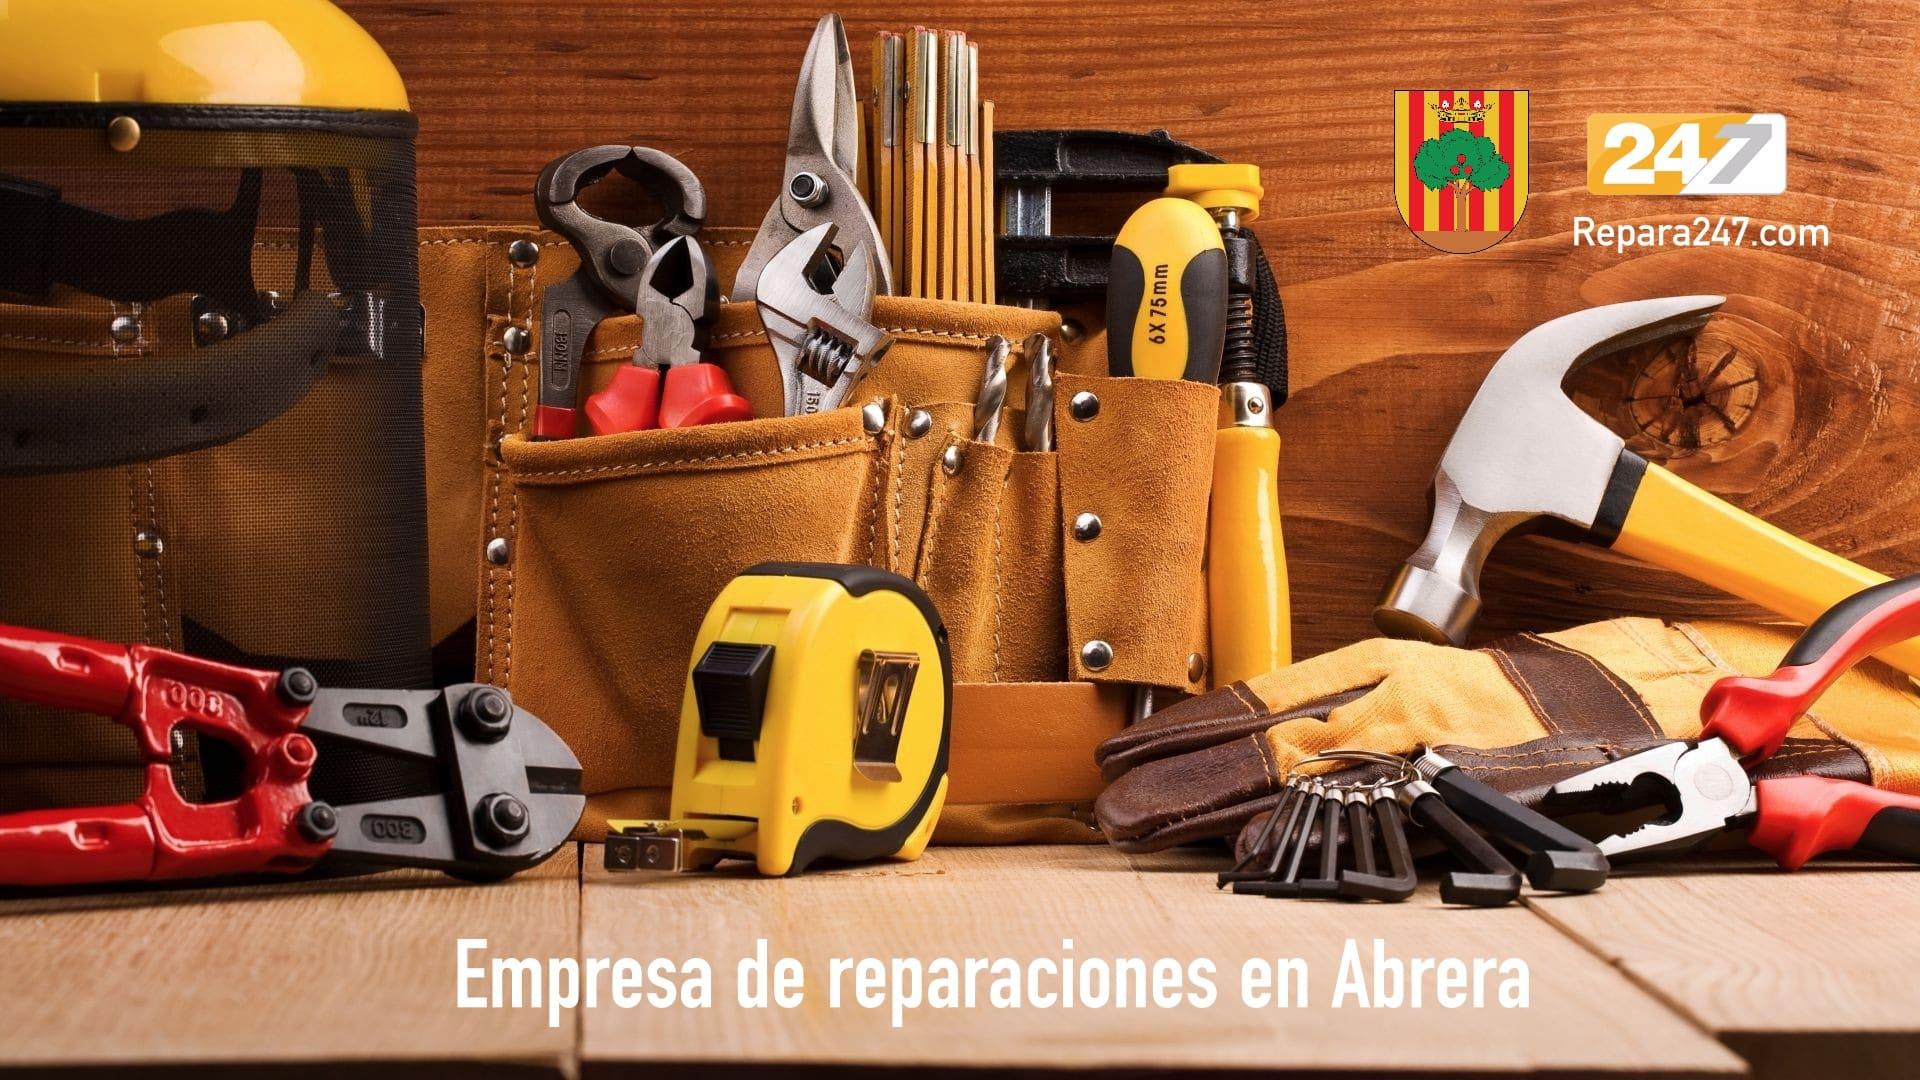 Empresa de reparaciones en Abrera